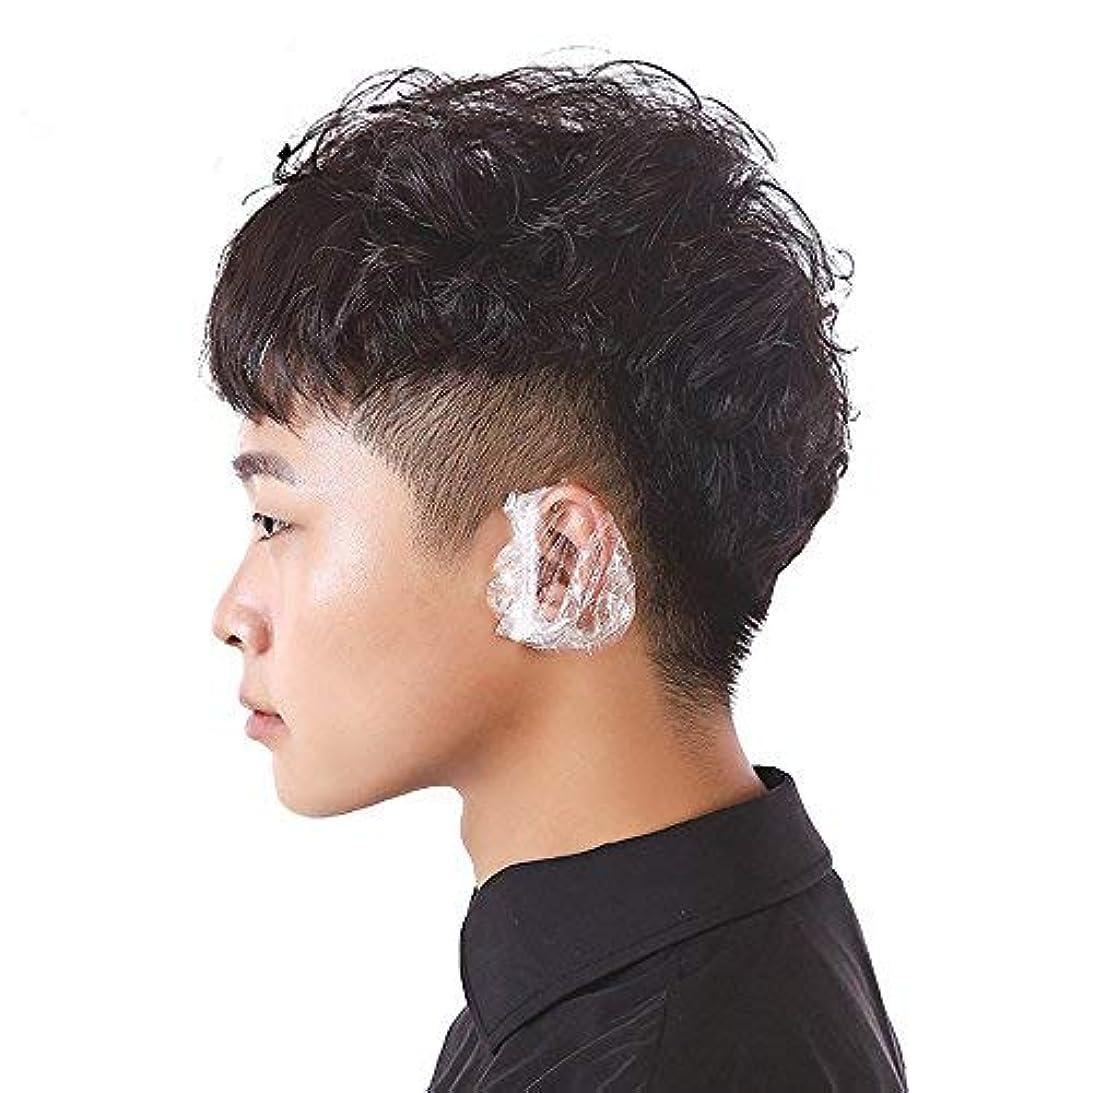 正直注目すべき決定するMilent イヤーキャップ 耳カバー 使い捨て 簡単 装着 衛生的 透明 毛染め 100pcs